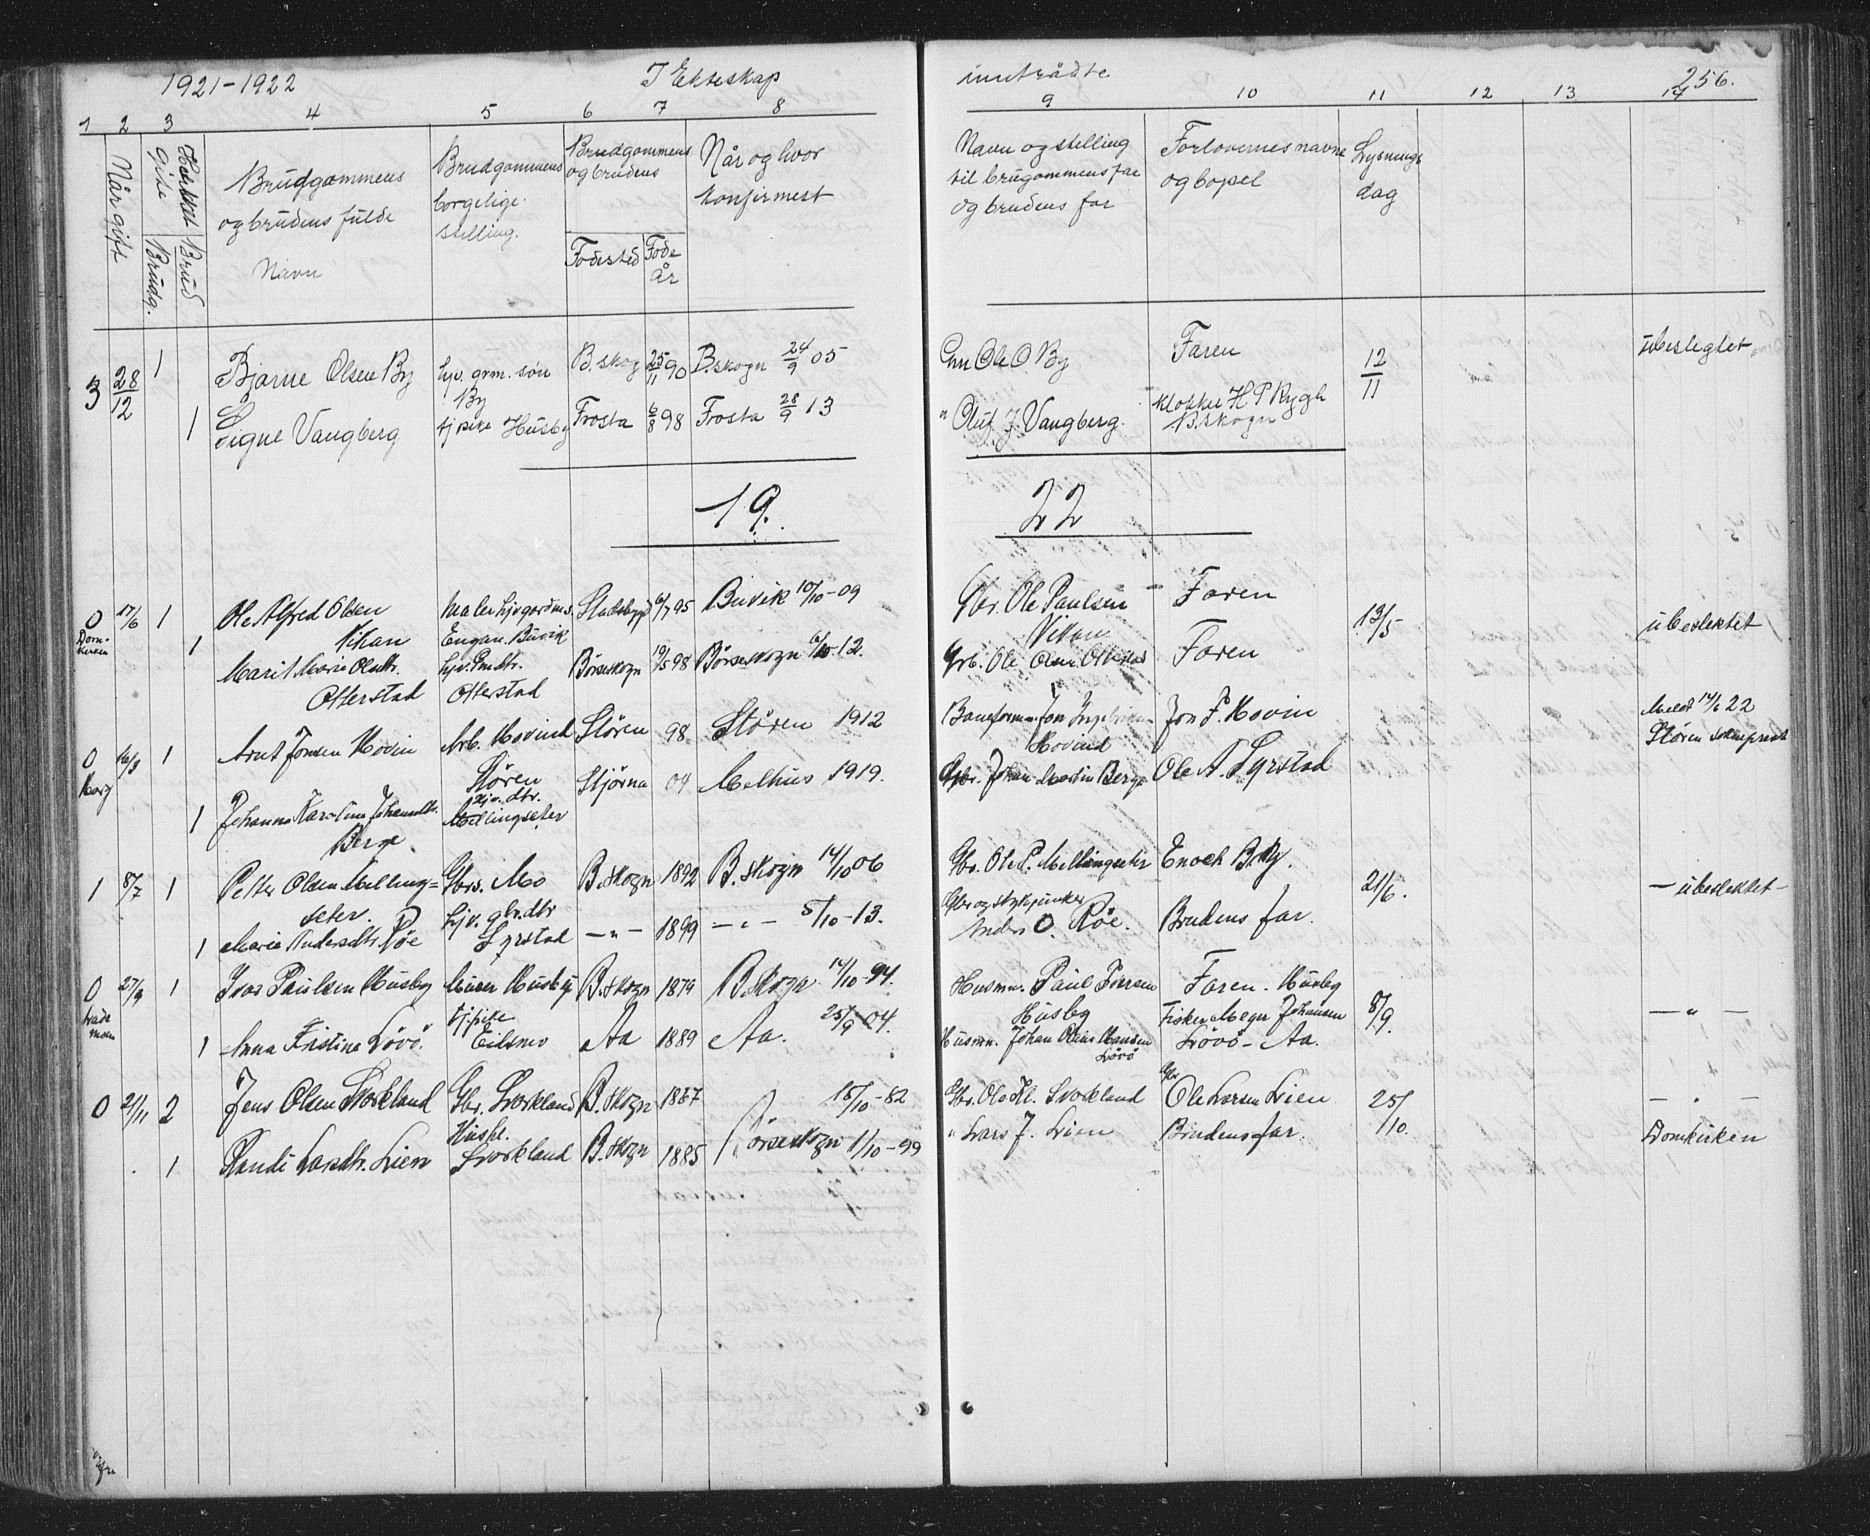 SAT, Ministerialprotokoller, klokkerbøker og fødselsregistre - Sør-Trøndelag, 667/L0798: Klokkerbok nr. 667C03, 1867-1929, s. 256